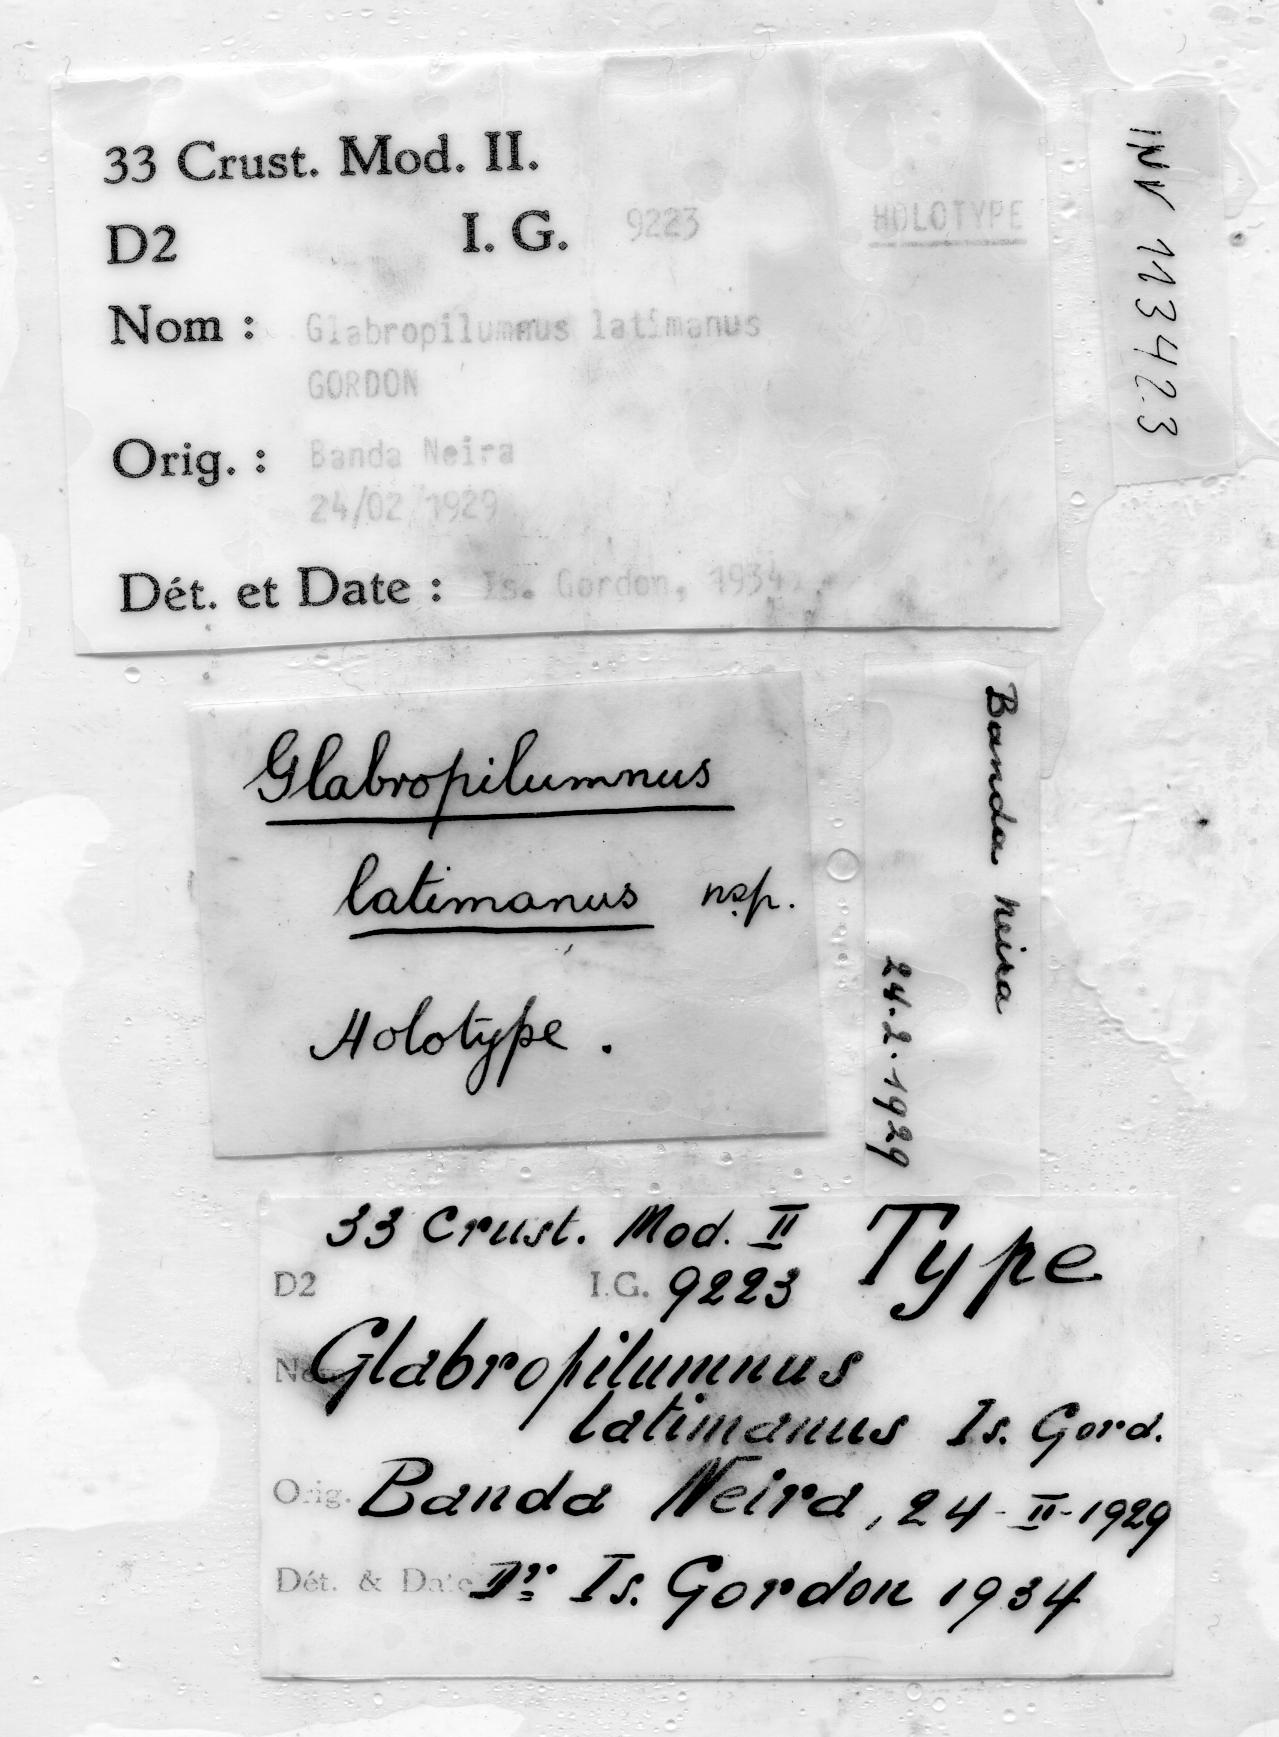 Lentipilumnus latimanus (Gordon, 1934) - label.